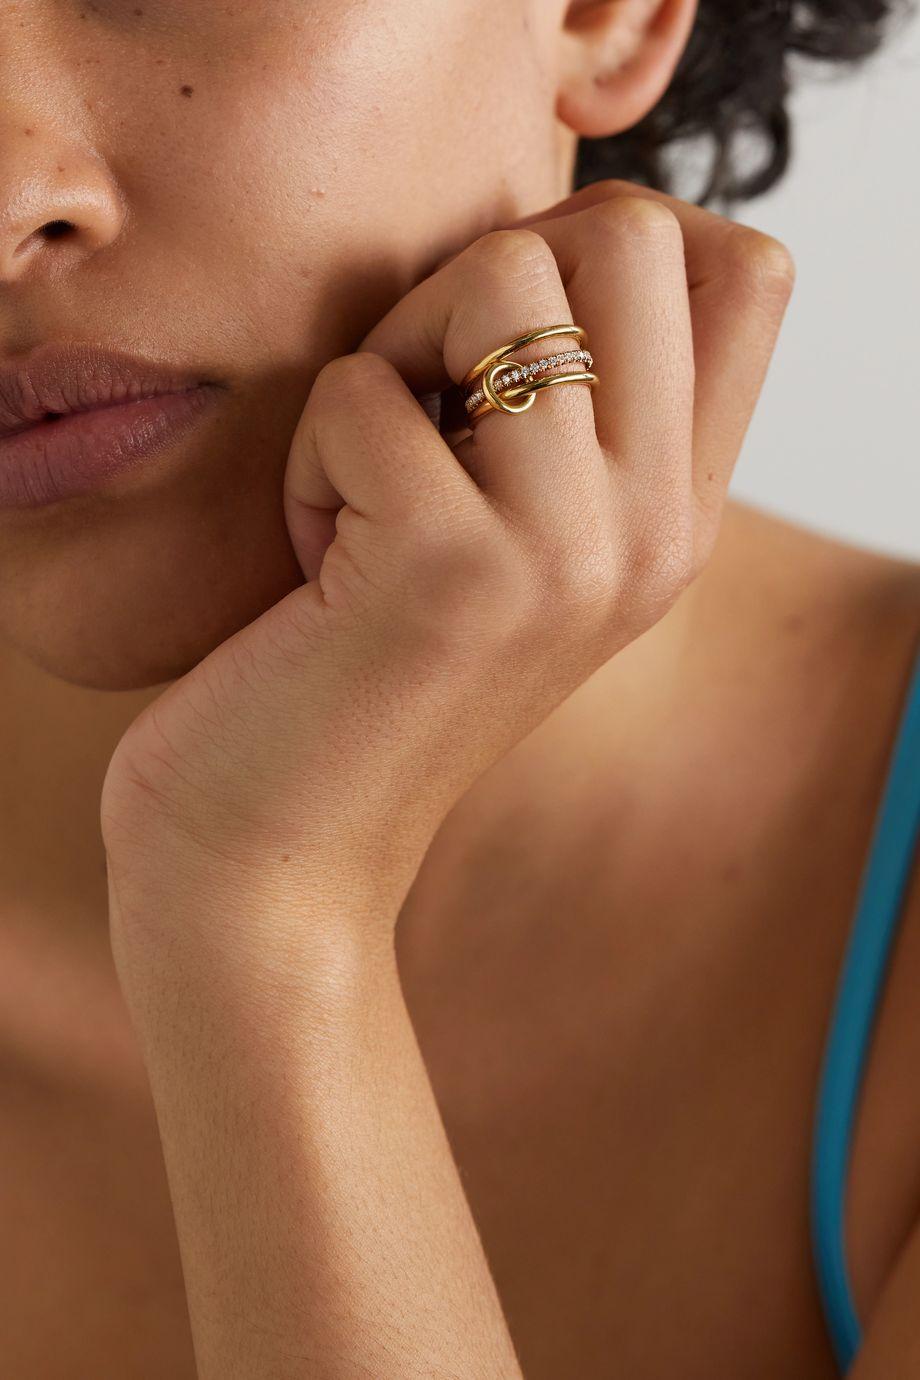 Spinelli Kilcollin Sonny set of three 18-karat gold diamond rings